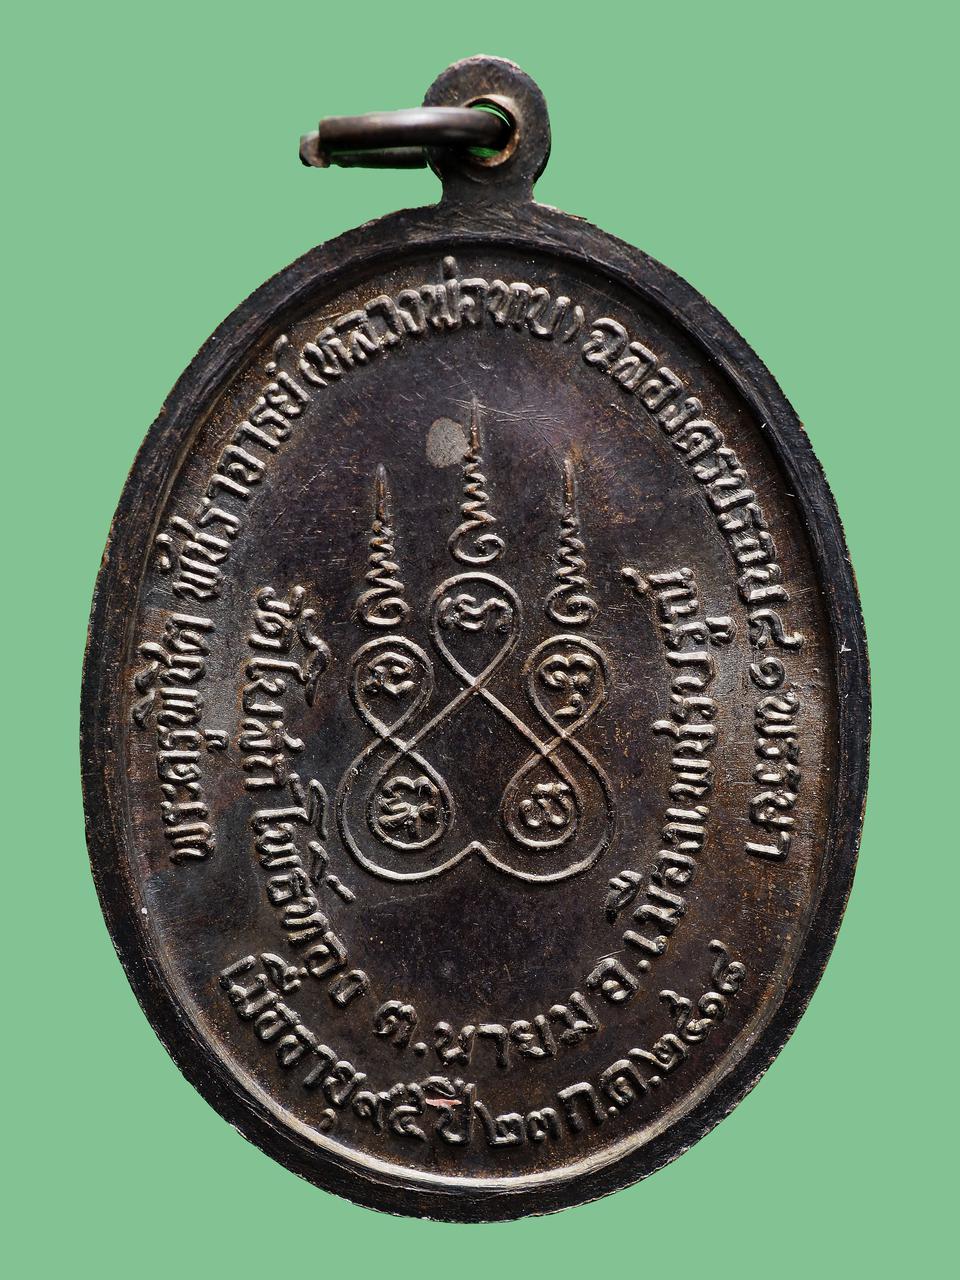 เหรียญหลวงพ่อทบ วัดชนแดน ปี 2518  สวยเดิม รูปที่ 2